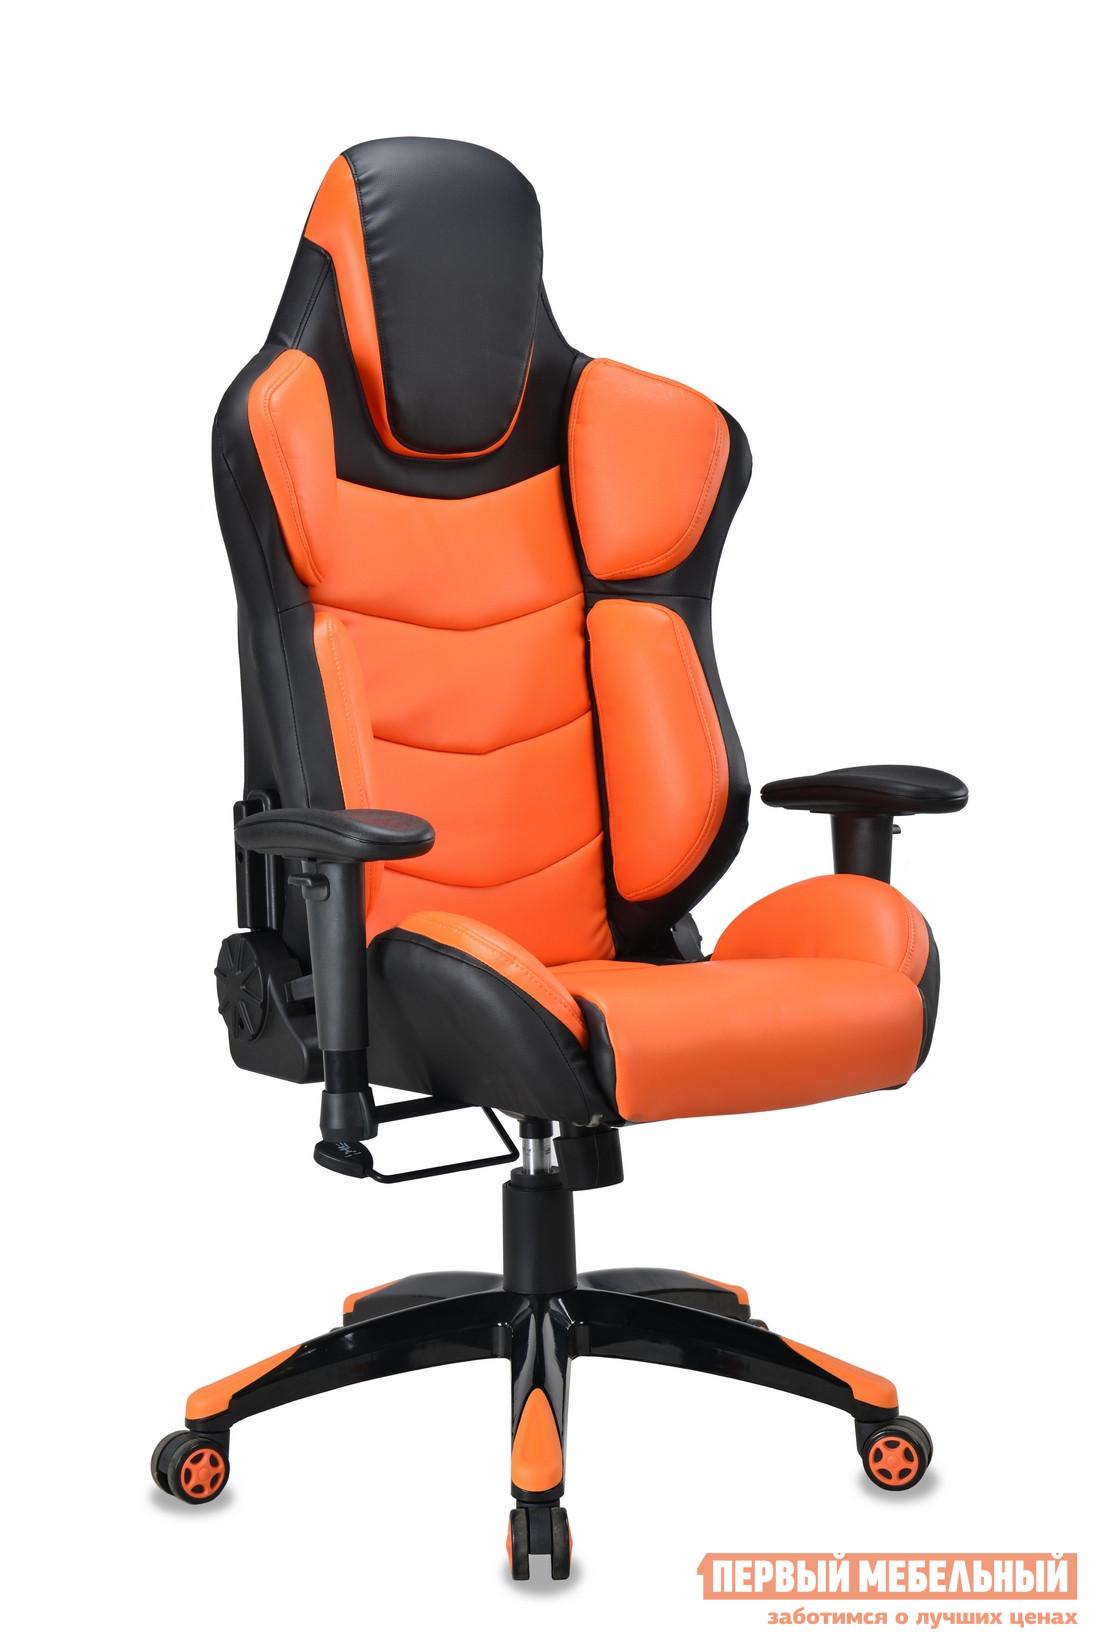 компьютерное кресло бюрократ ch 513axn jp 15 6 bordo Компьютерное кресло Бюрократ CH-773